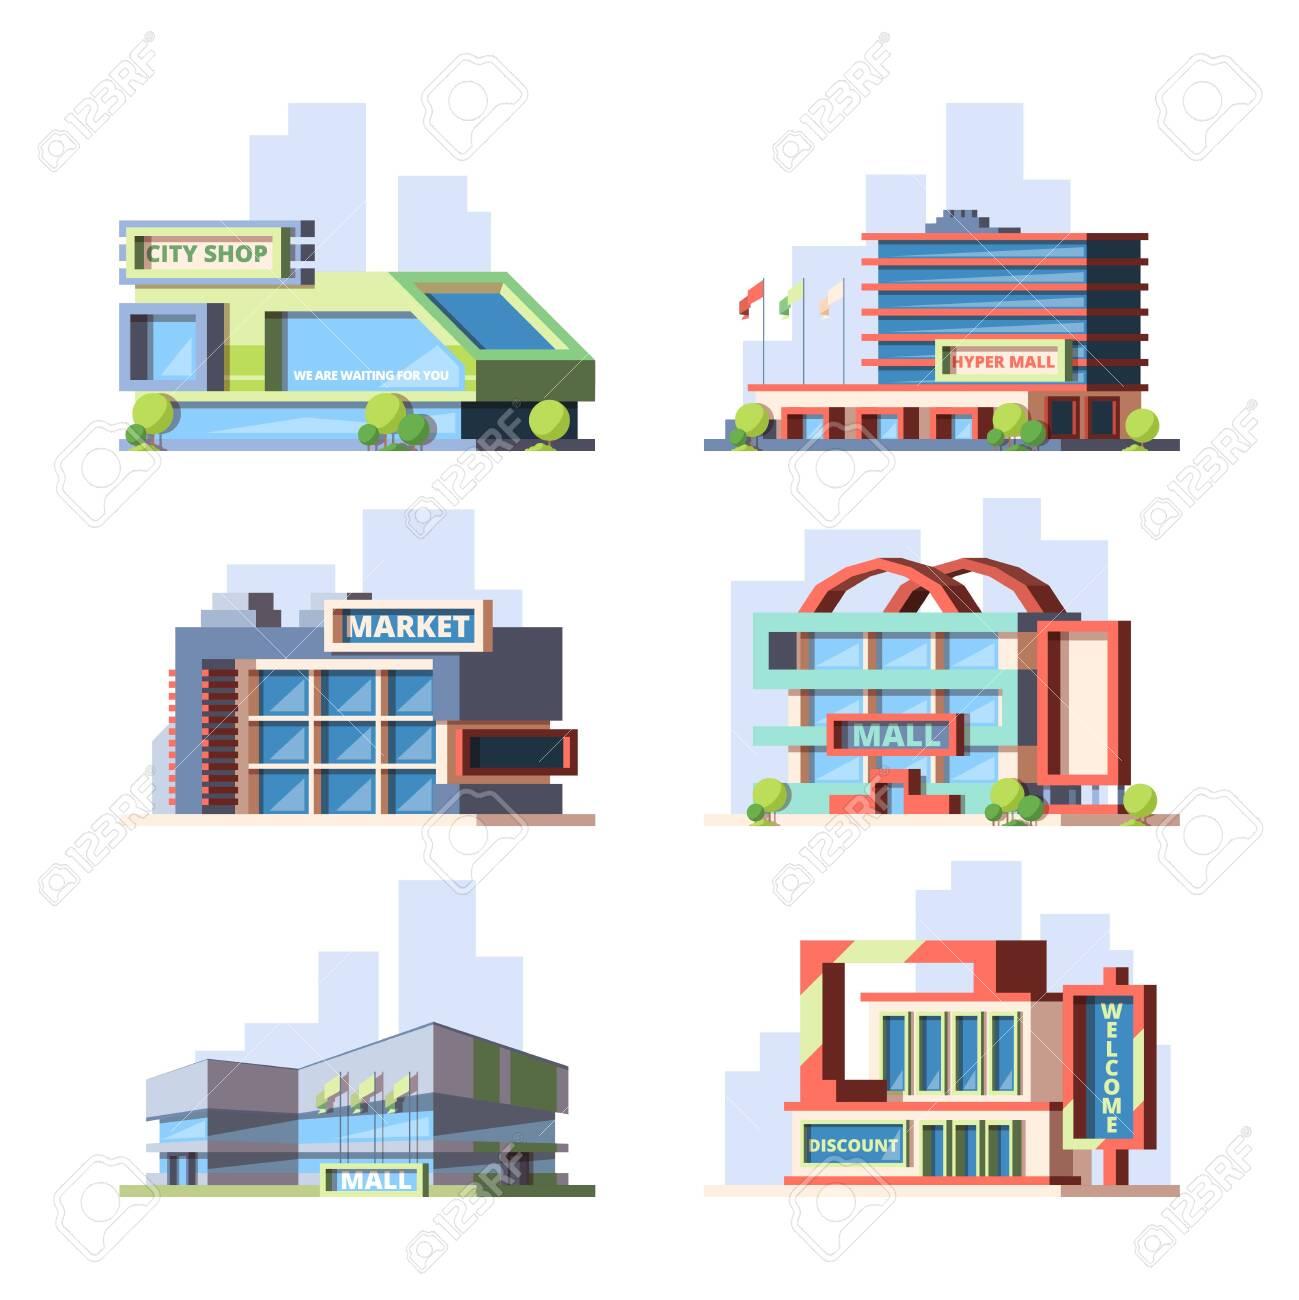 City shops and malls flat vector illustrations set - 138012975